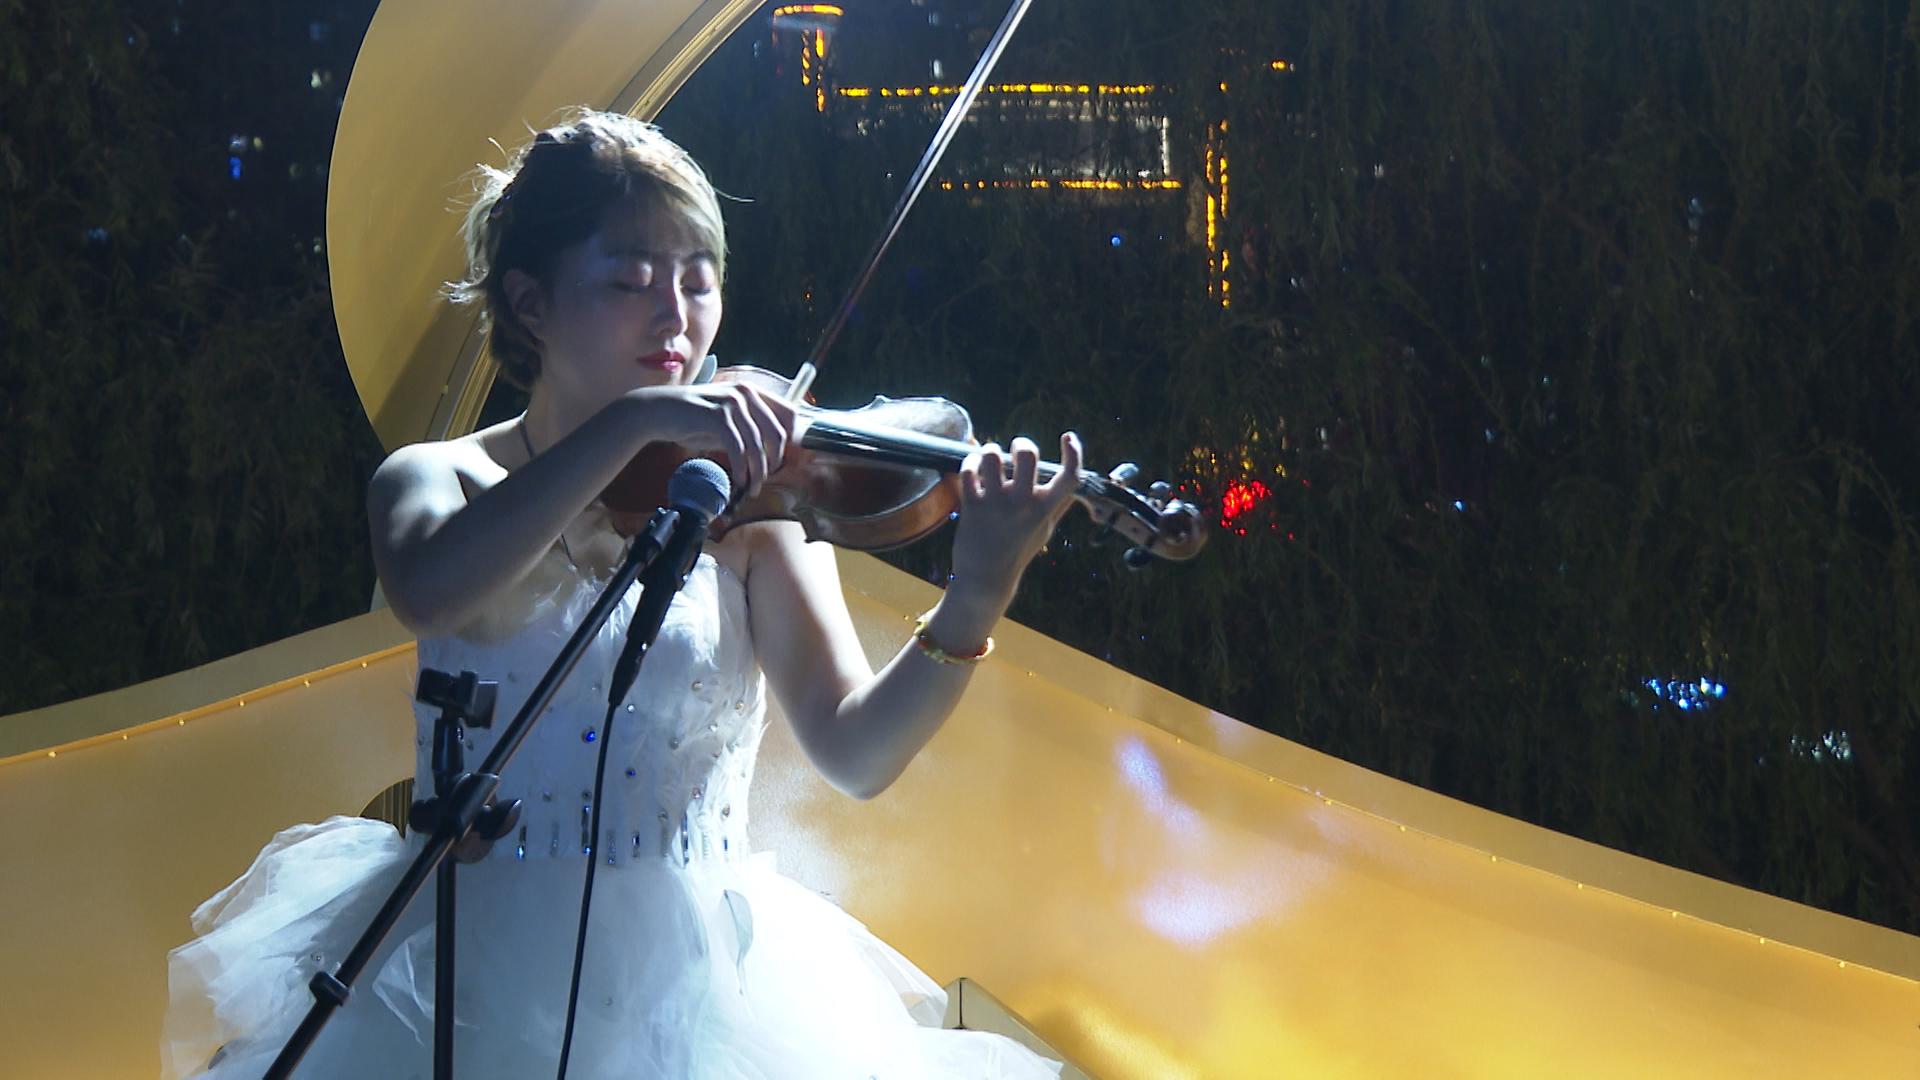 小提琴深情演奏《大鱼》